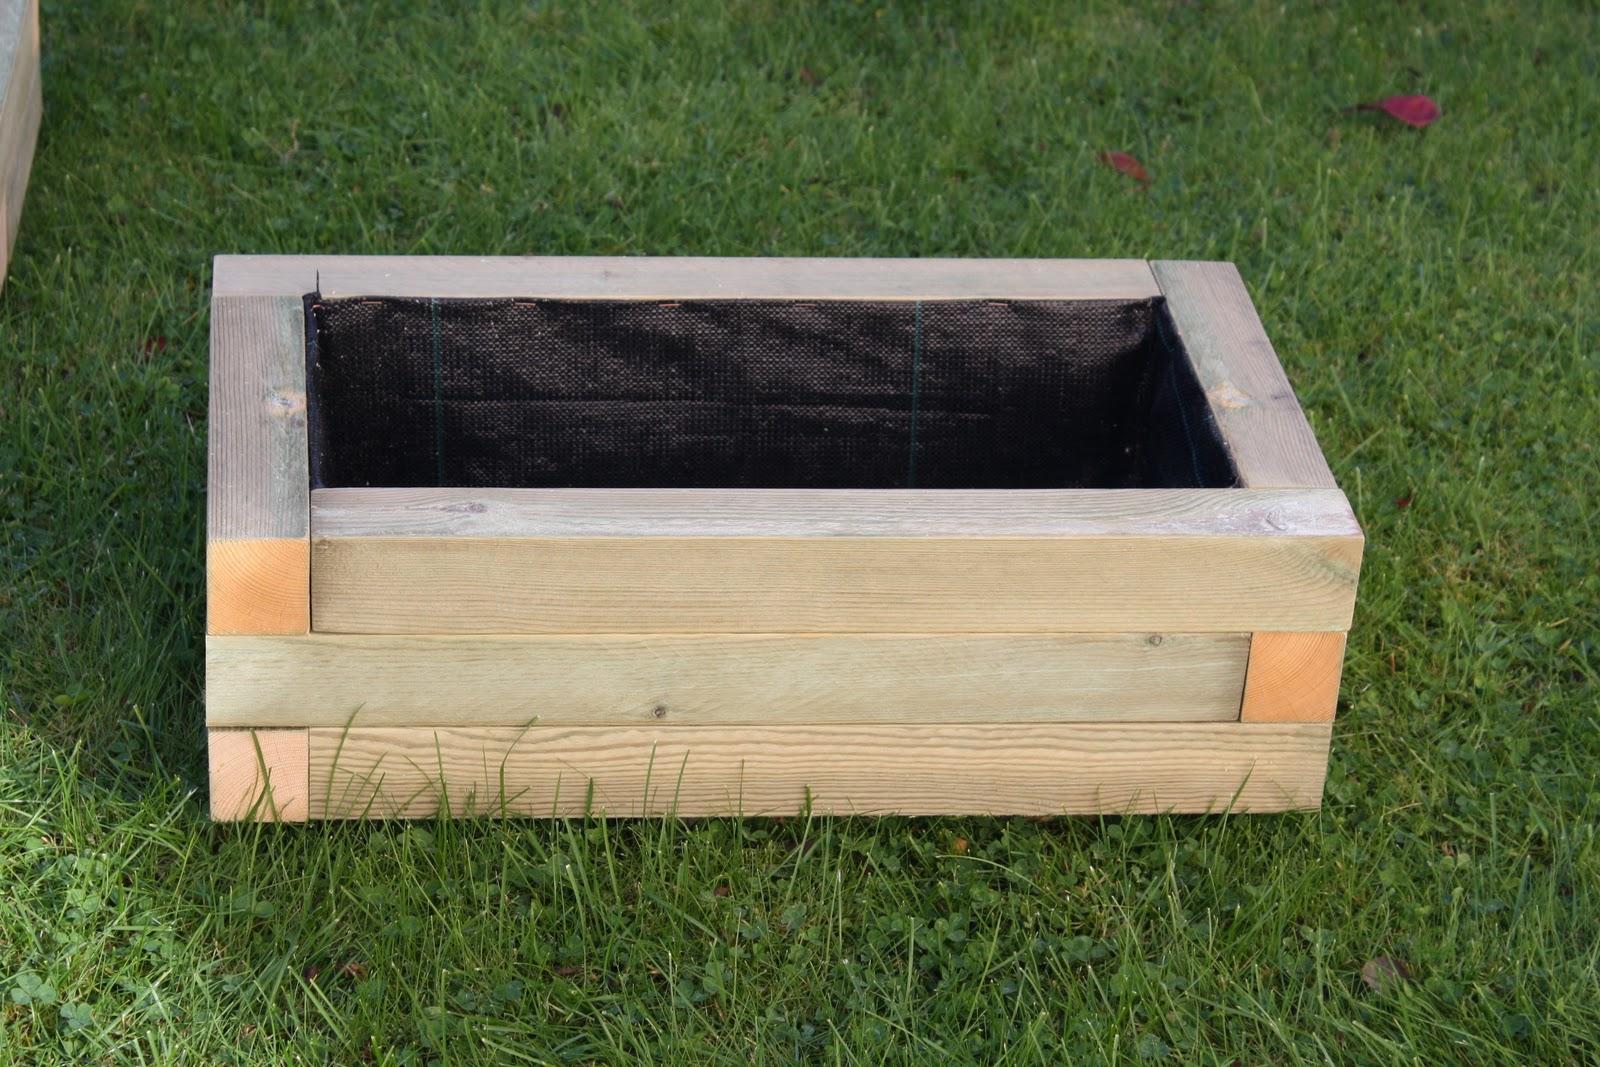 Maceteros y jardineras c a macetero exterior puede - Maceteros de madera para exterior ...